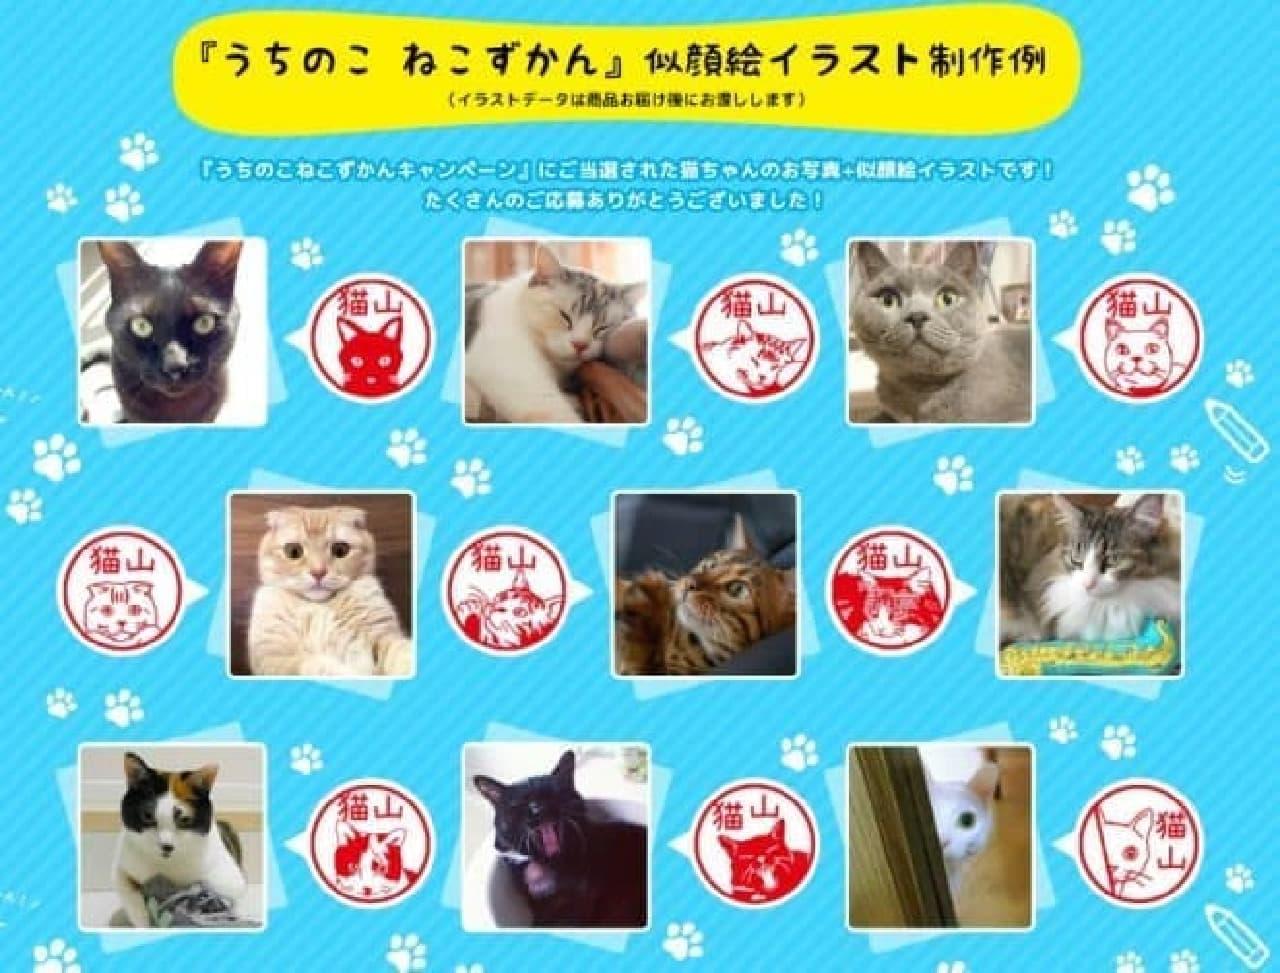 愛猫の写真をハンコにしてくれる「うちのこ ねこずかん」サービス開始